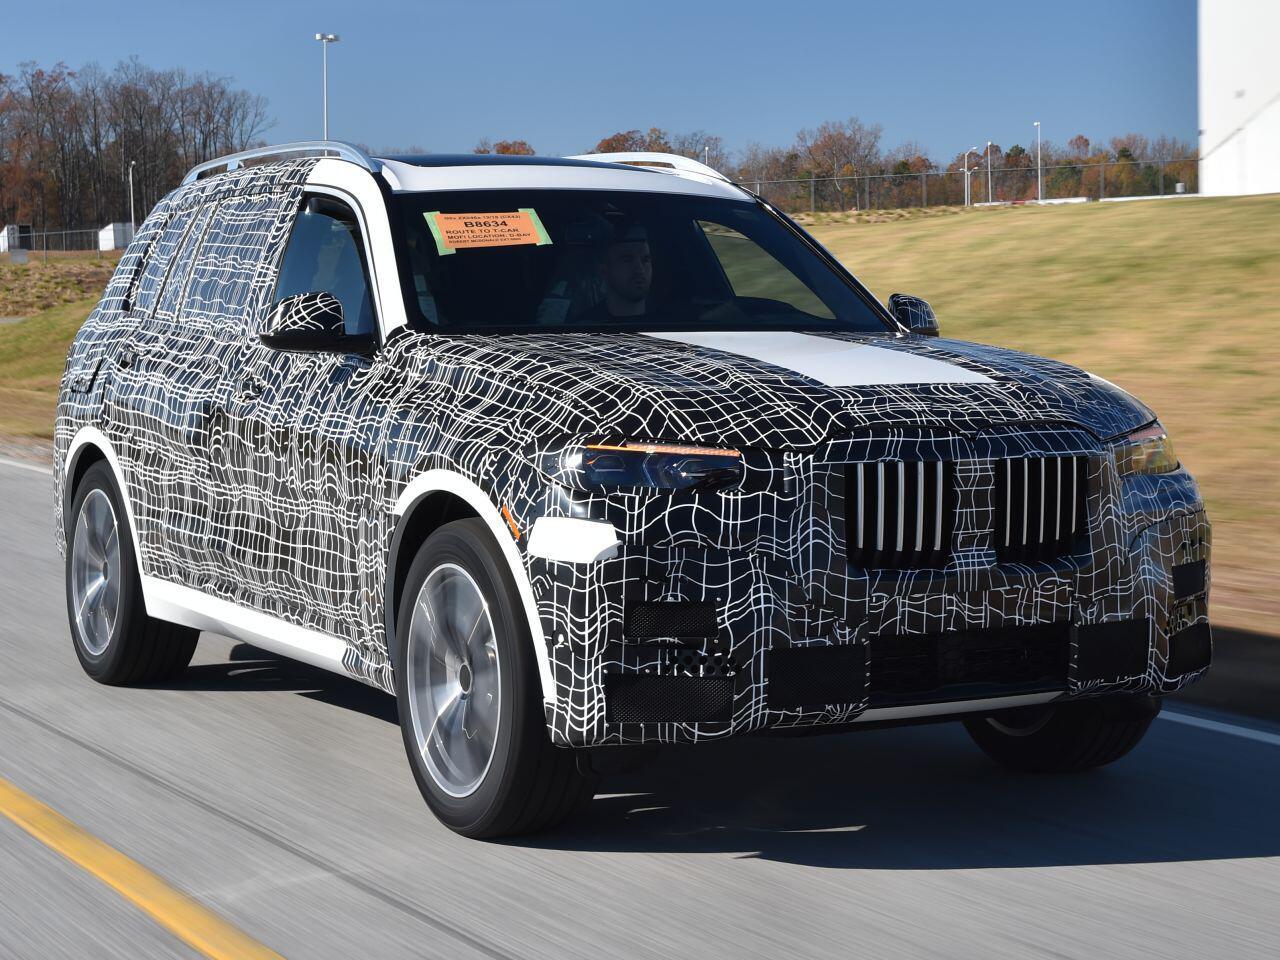 Bild zu BMW X7: Erste offizielle Erlkönig-Bilder aus den USA zeigen neues Luxus-SUV